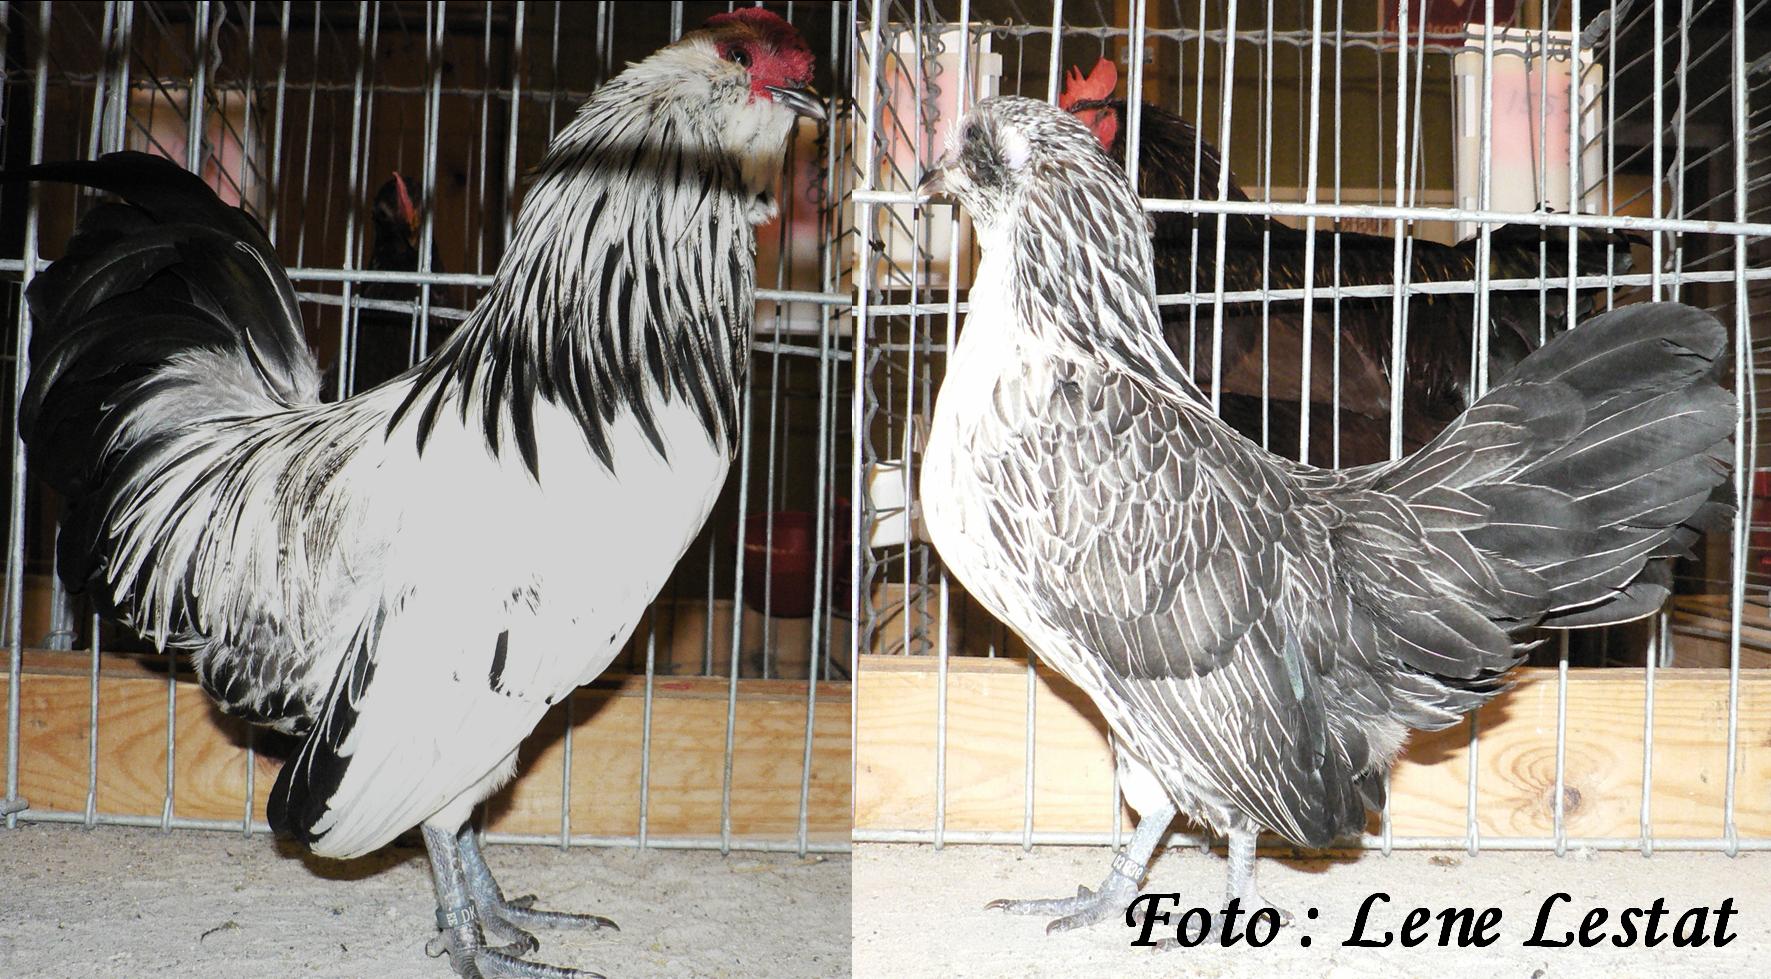 1,1 antwerpner skæghøns – sølv vagtelfarvetpng